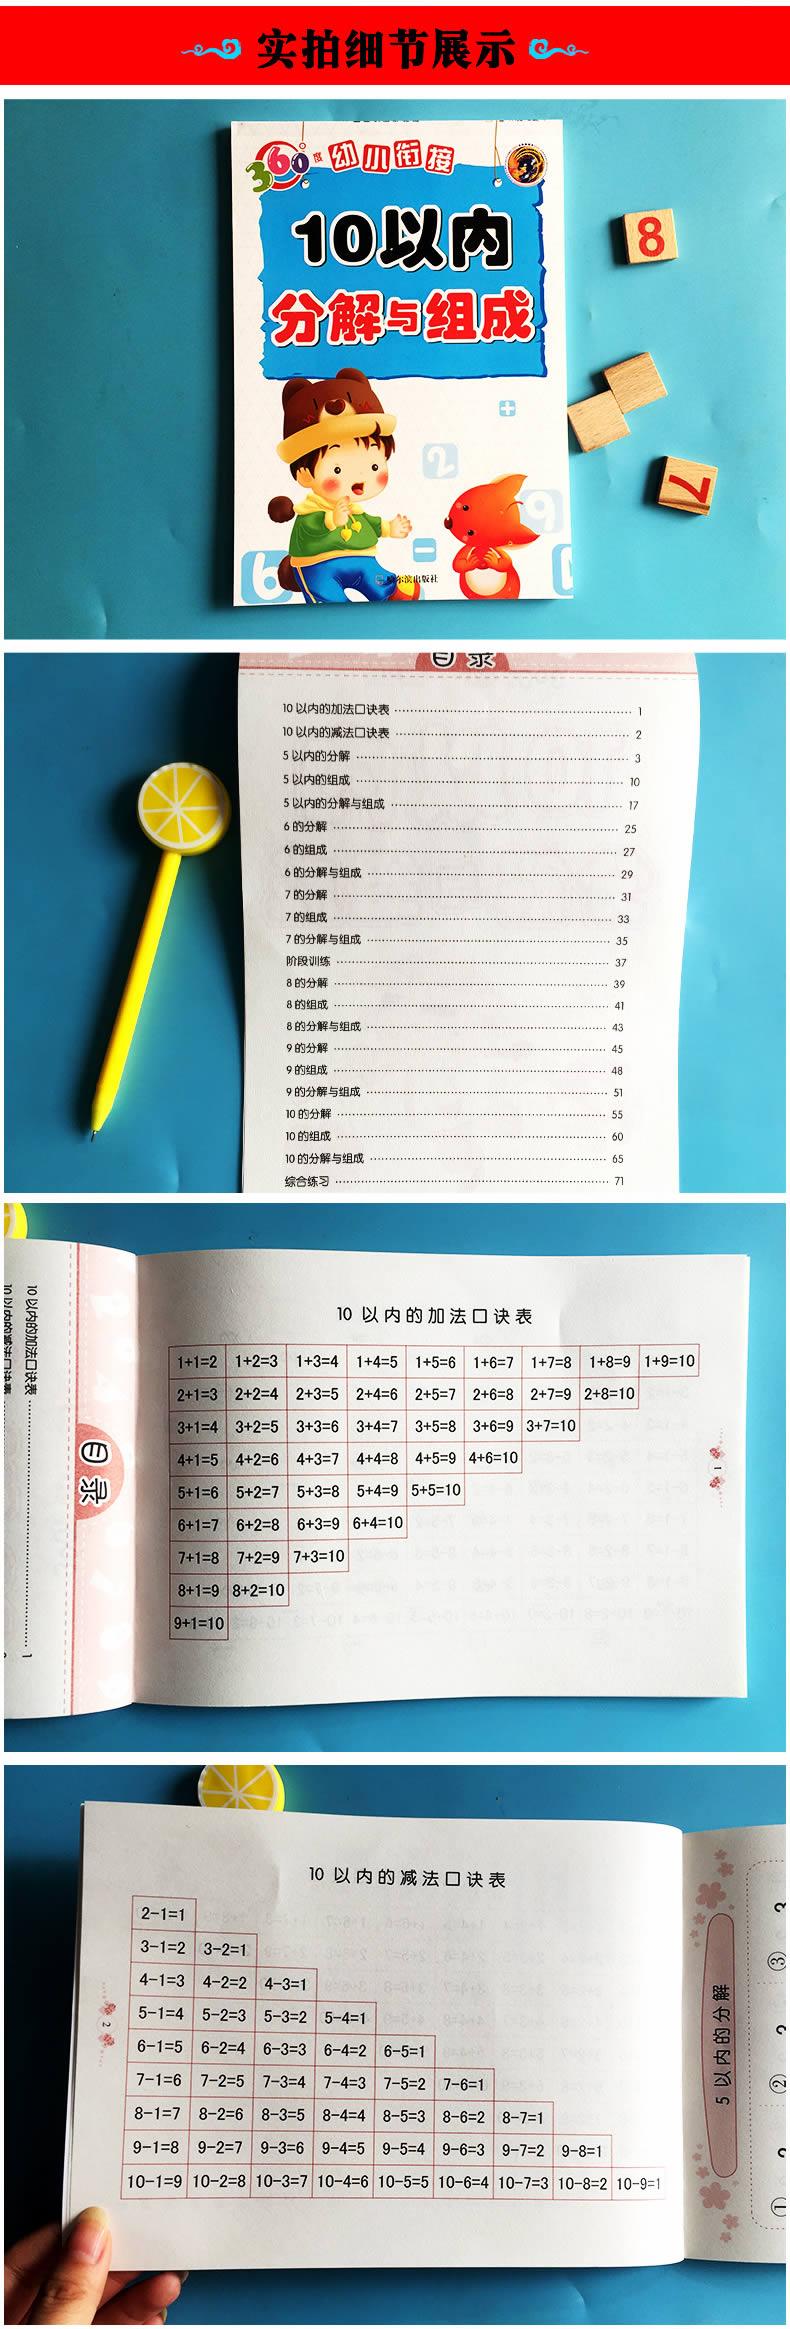 3-6岁幼儿园学前班儿童数学题算术 寒假作业 大班 数学